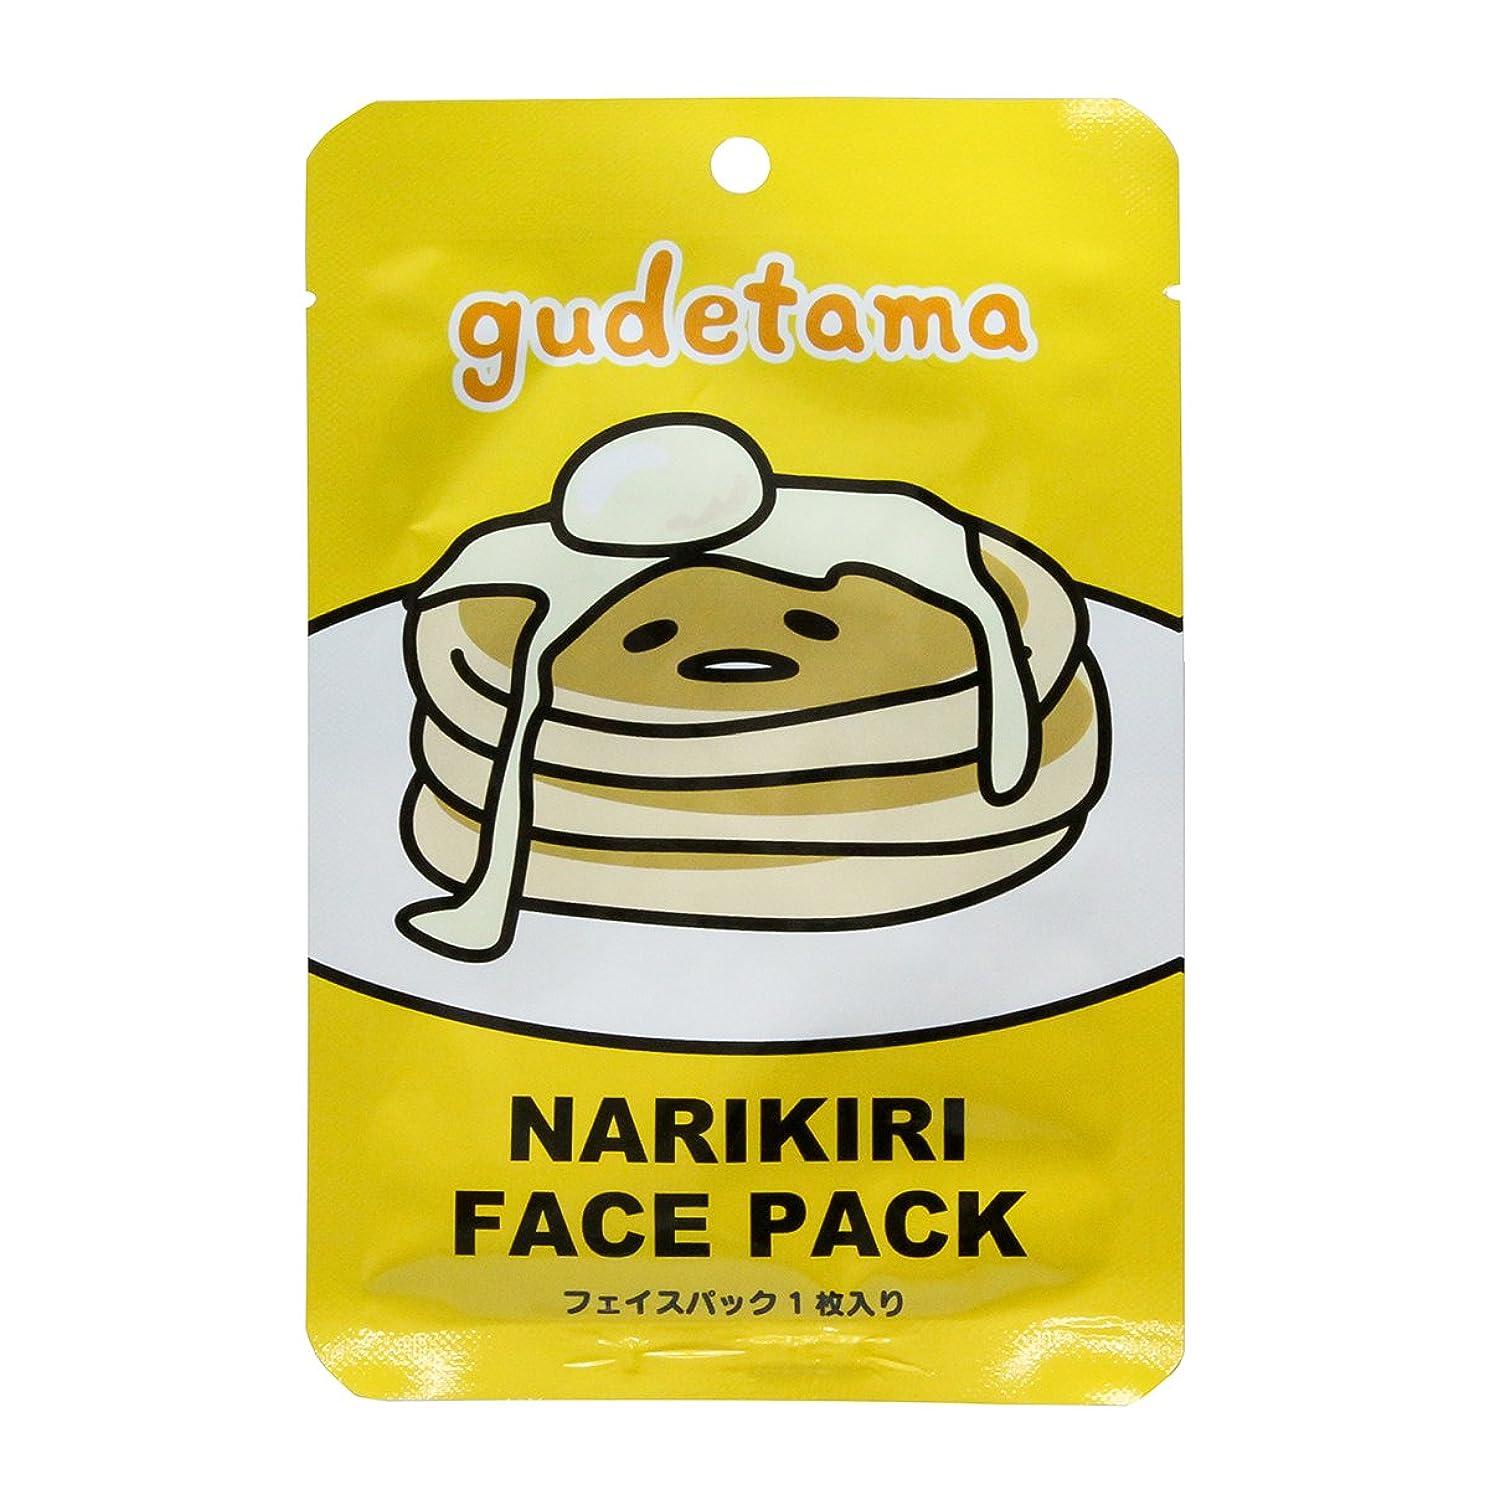 キウイプーノ祖父母を訪問ぐでたま なりきりフェイスパック パンケーキ バニラの香り (20mL × 1枚入)